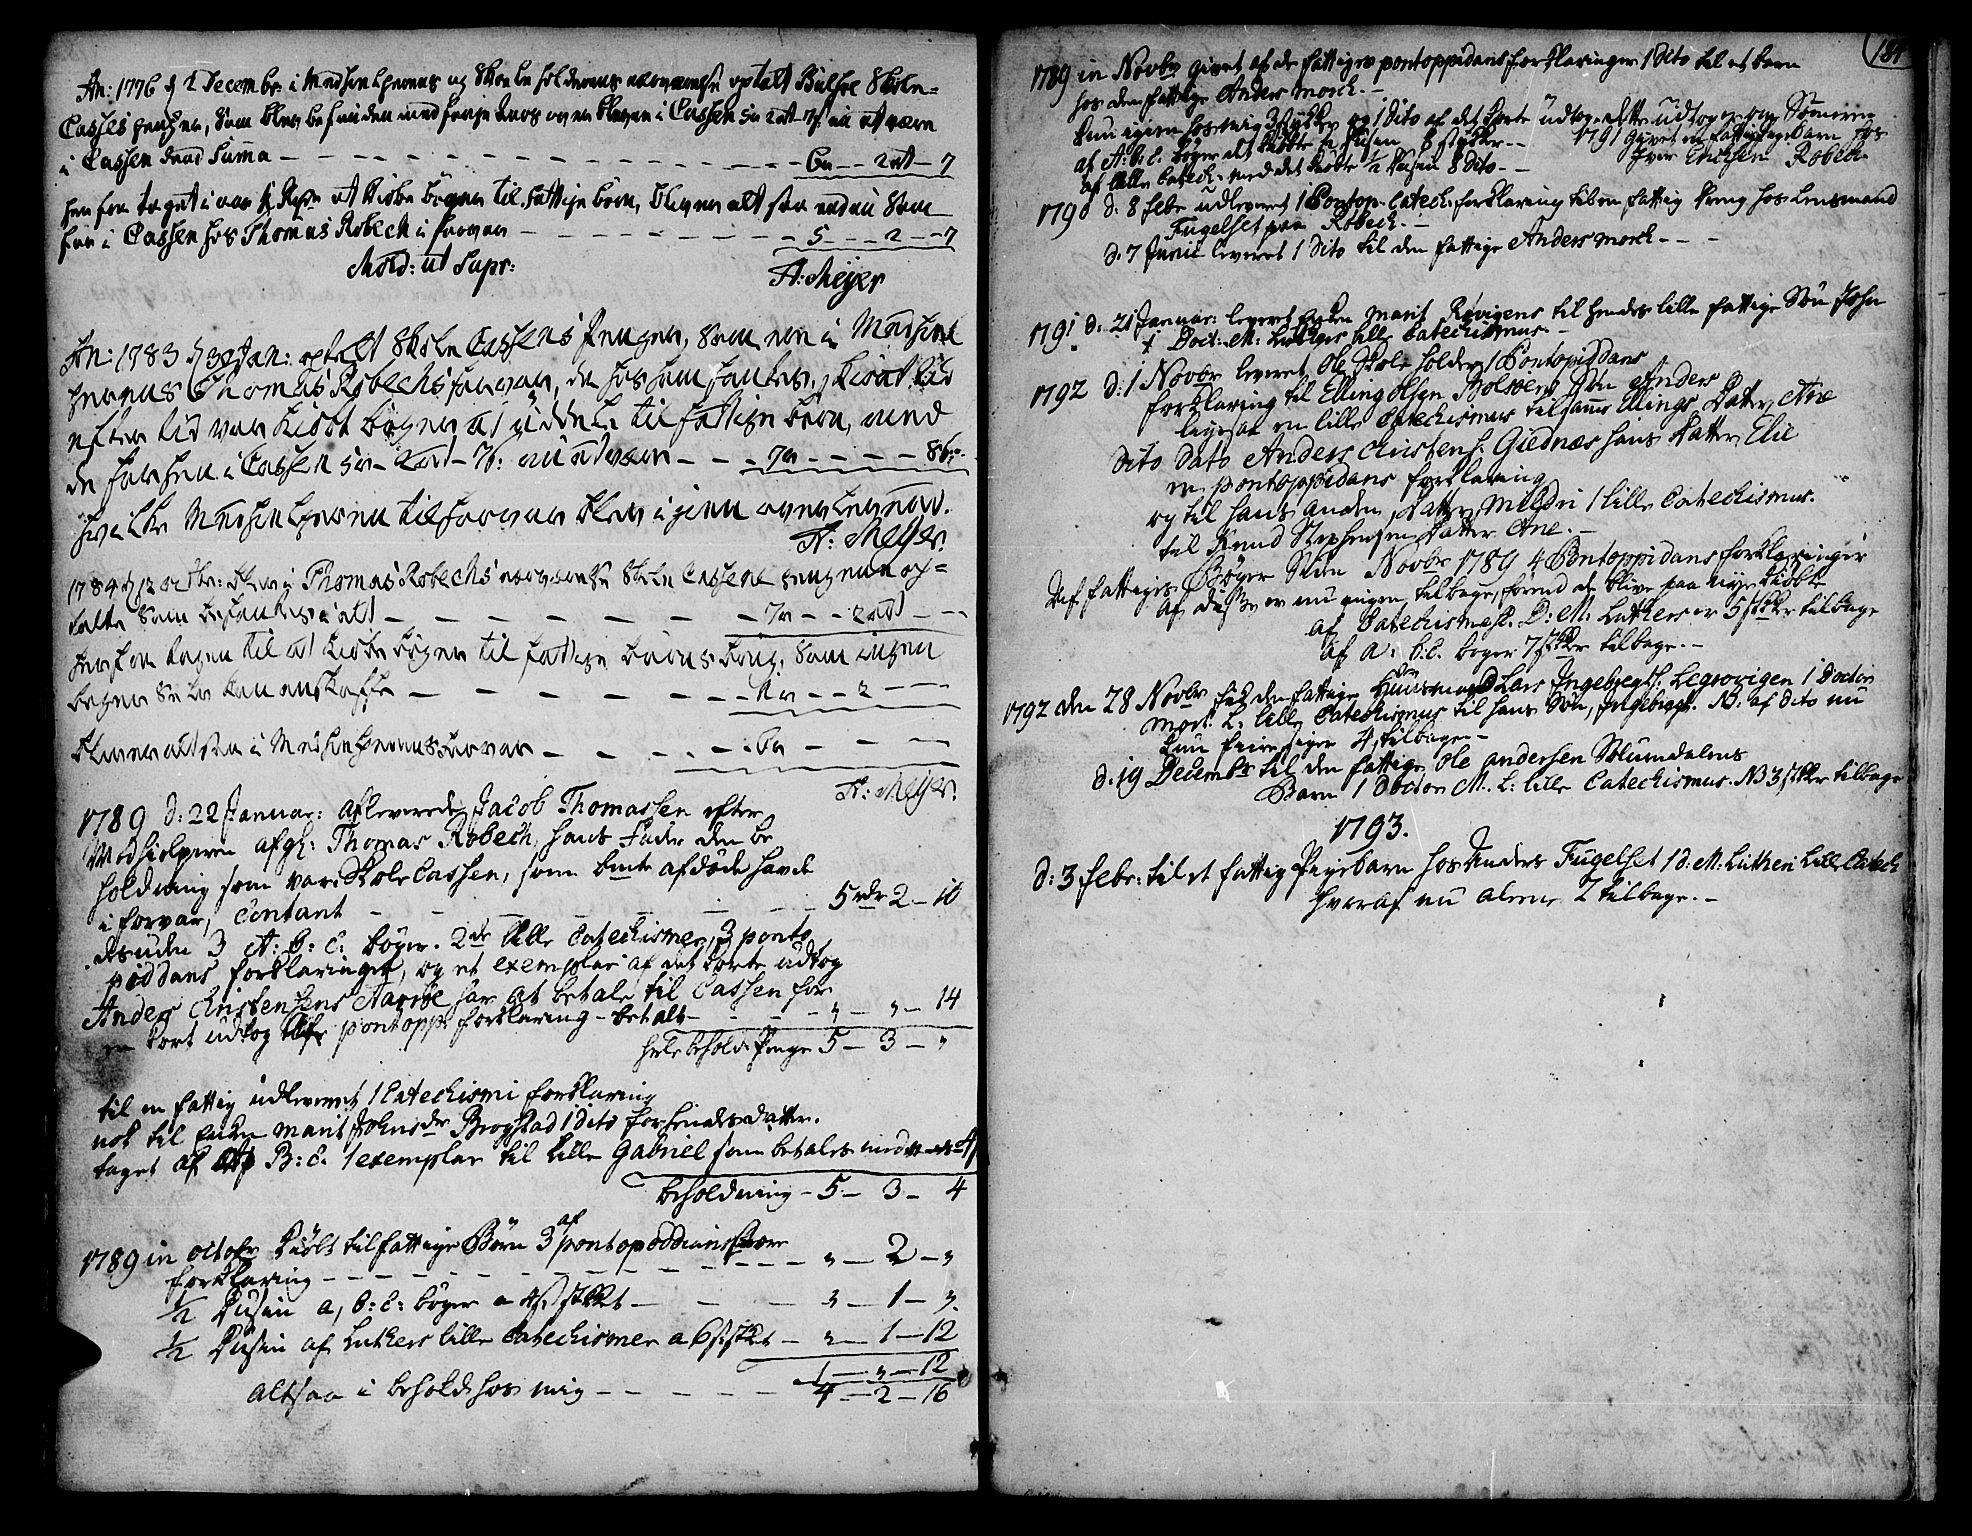 SAT, Ministerialprotokoller, klokkerbøker og fødselsregistre - Møre og Romsdal, 555/L0648: Ministerialbok nr. 555A01, 1759-1793, s. 184